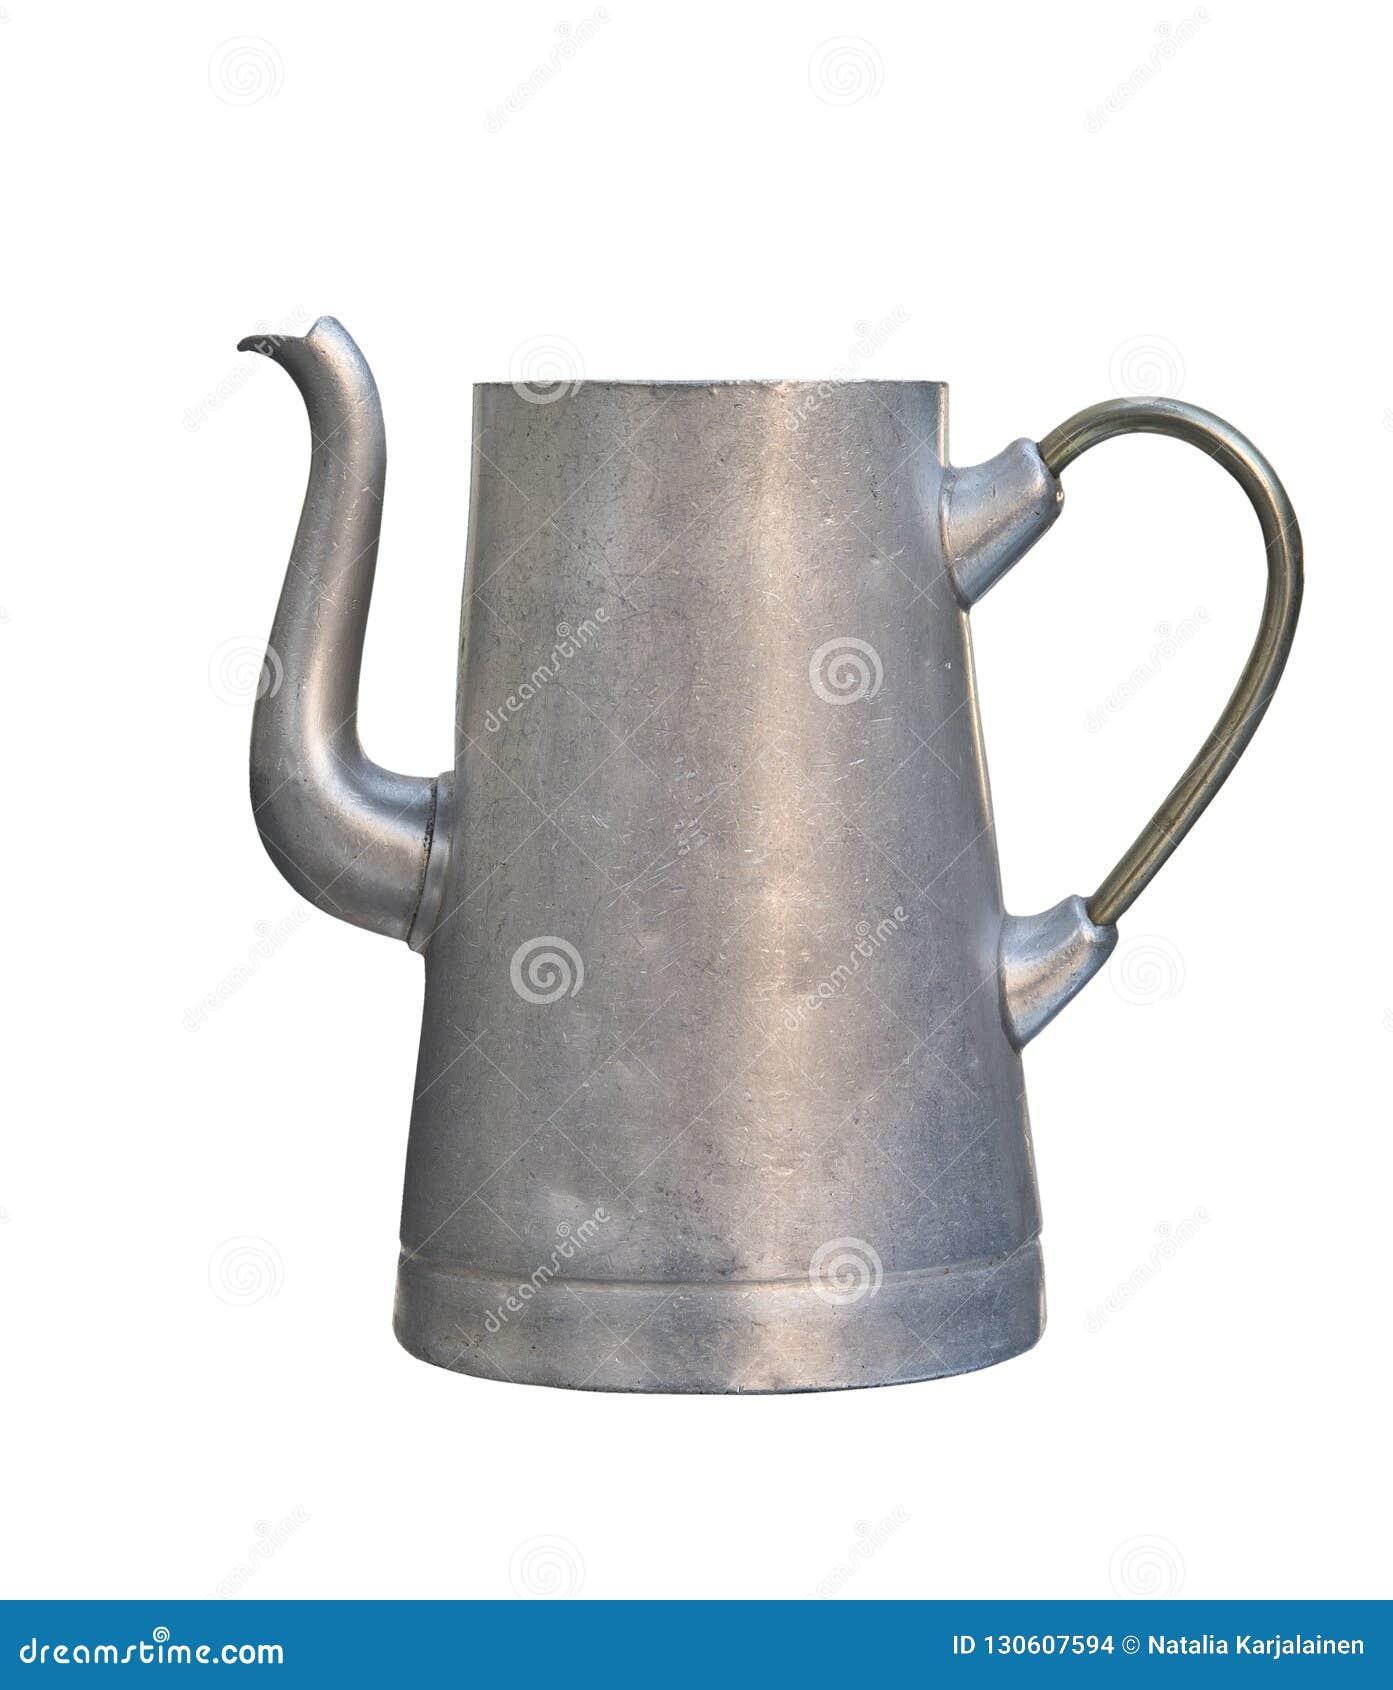 Old aluminum kettle isolated on white background.